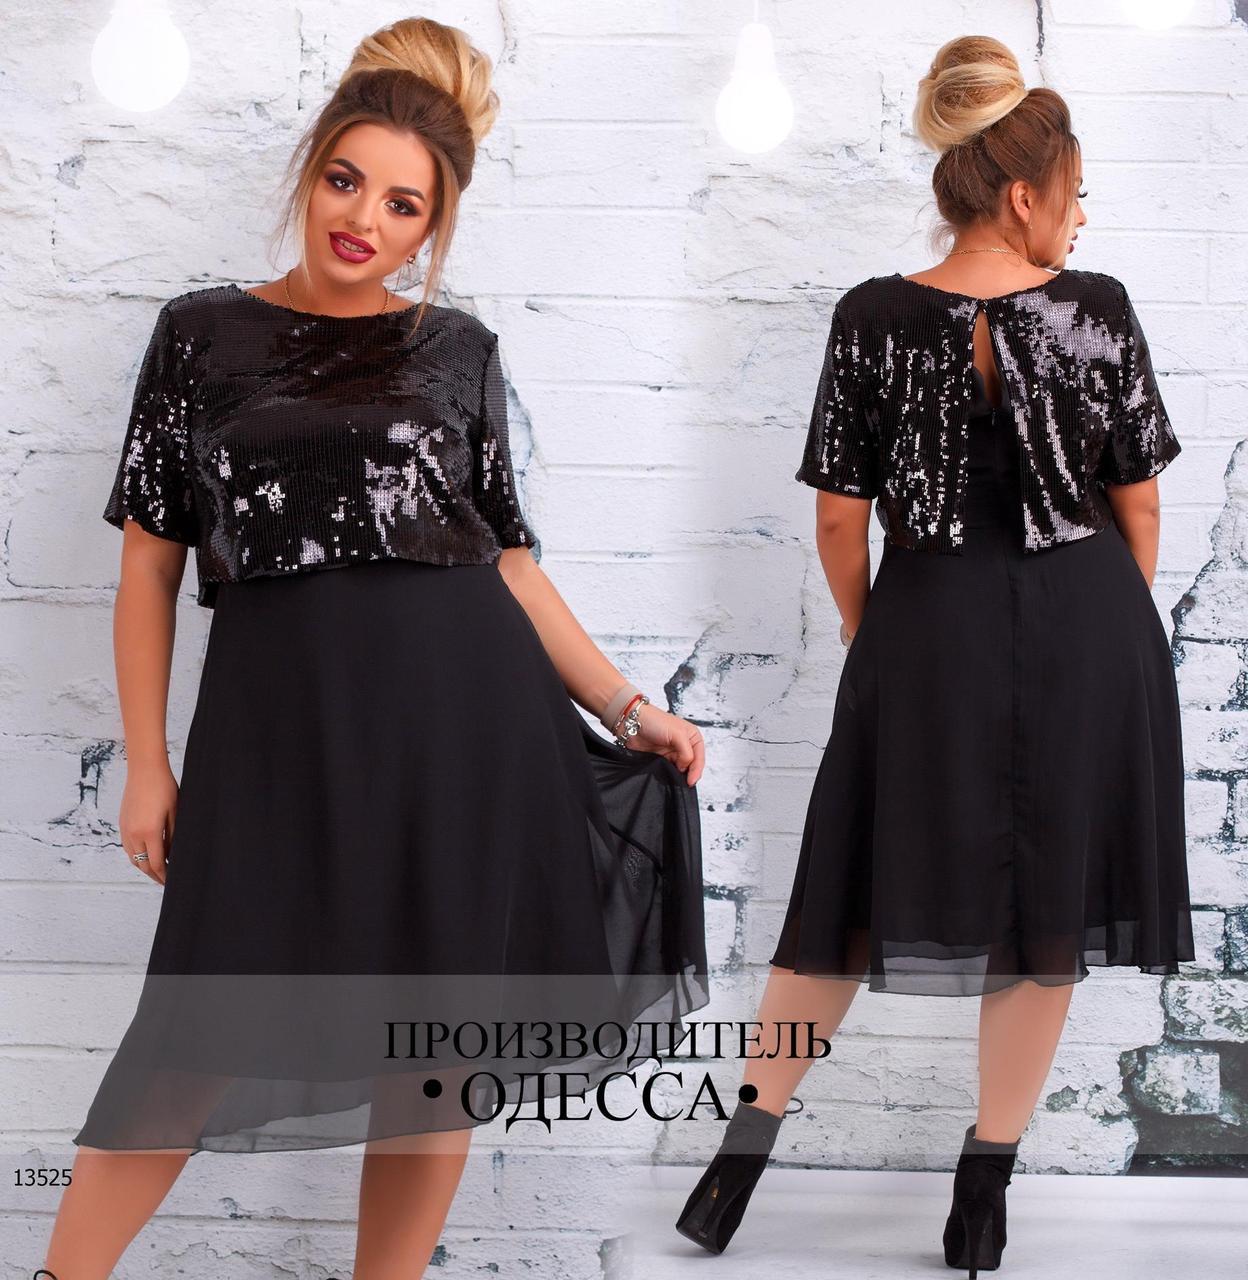 d67e4634476 Платье отделка пайетка+шифоновая юбка R-13525 черный Производитель ...